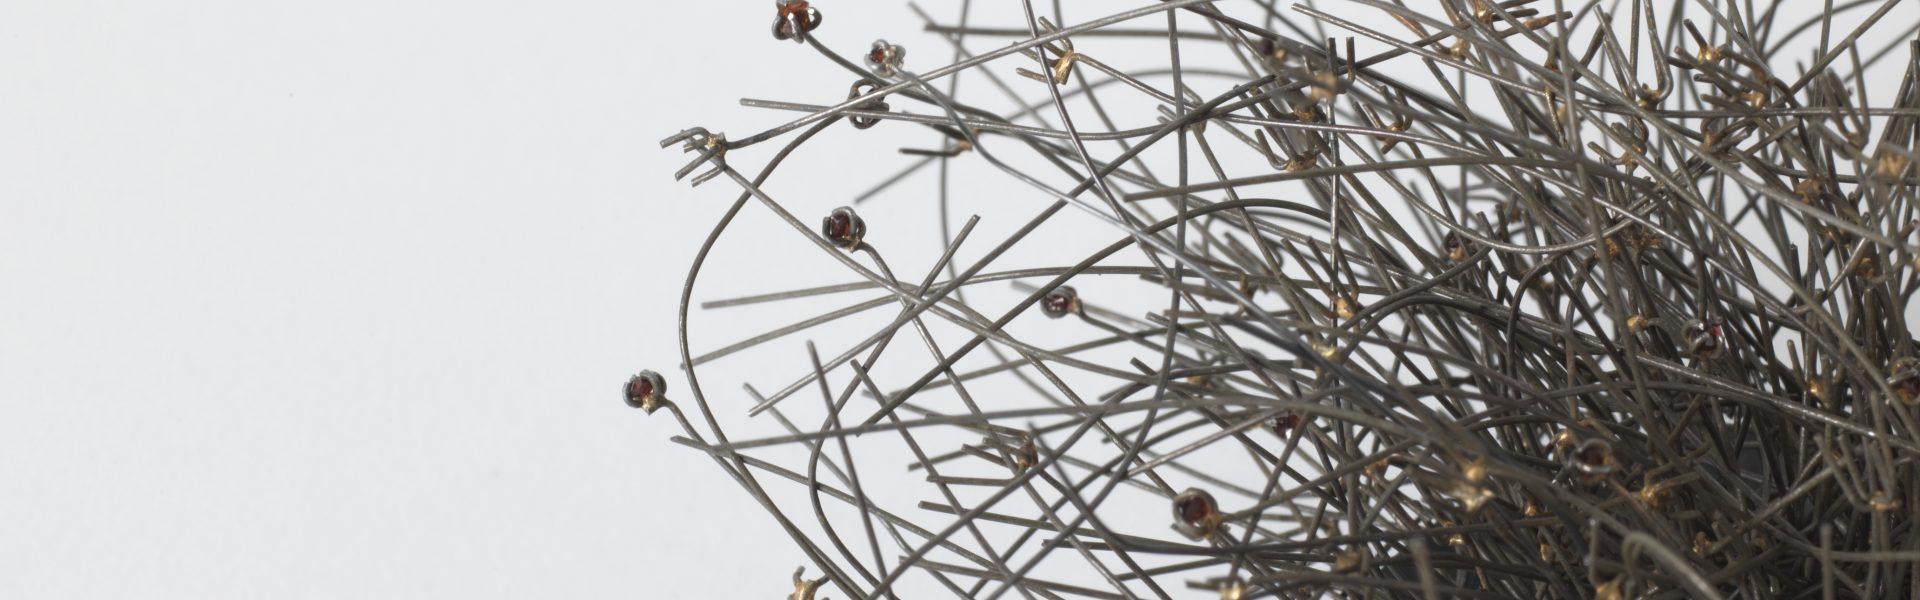 Bettina Dittlmann, brooch, 2018, magnet, iron, garnets, 15 cm, h. 16 cm